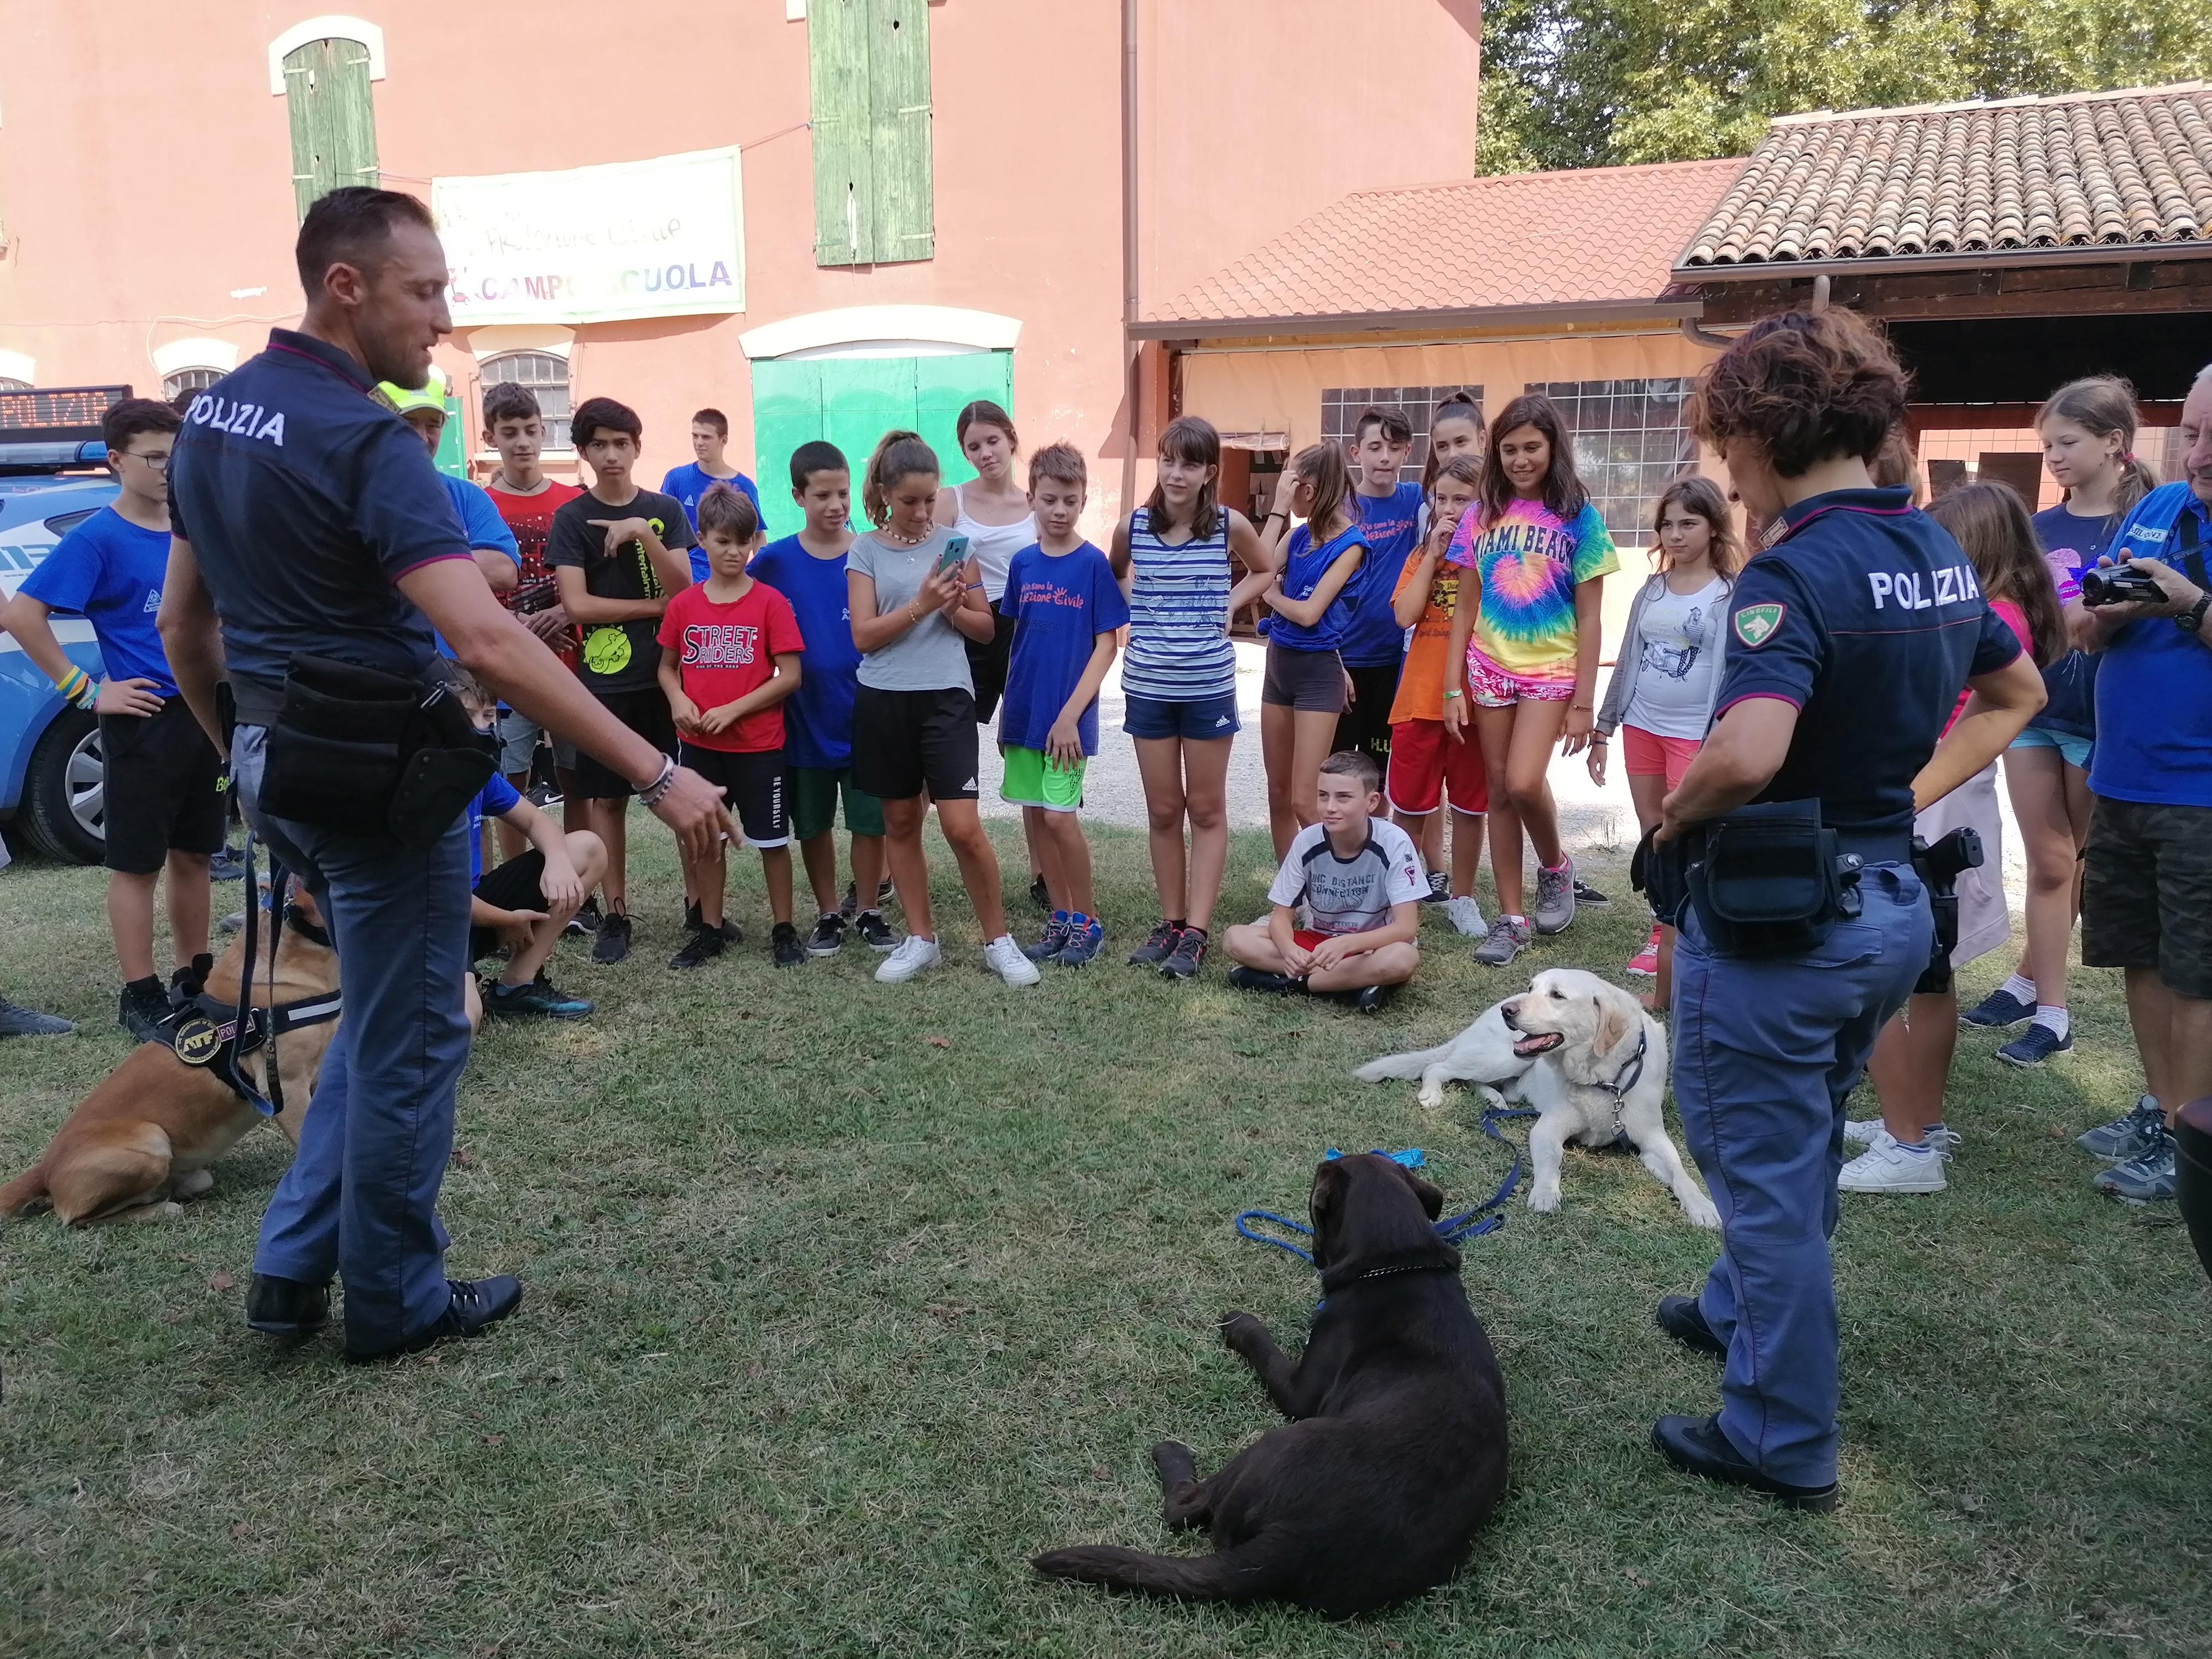 Campo scuola Anch'io sono la protezione civile sala Bol. 2019 (foto: gpc_pc)